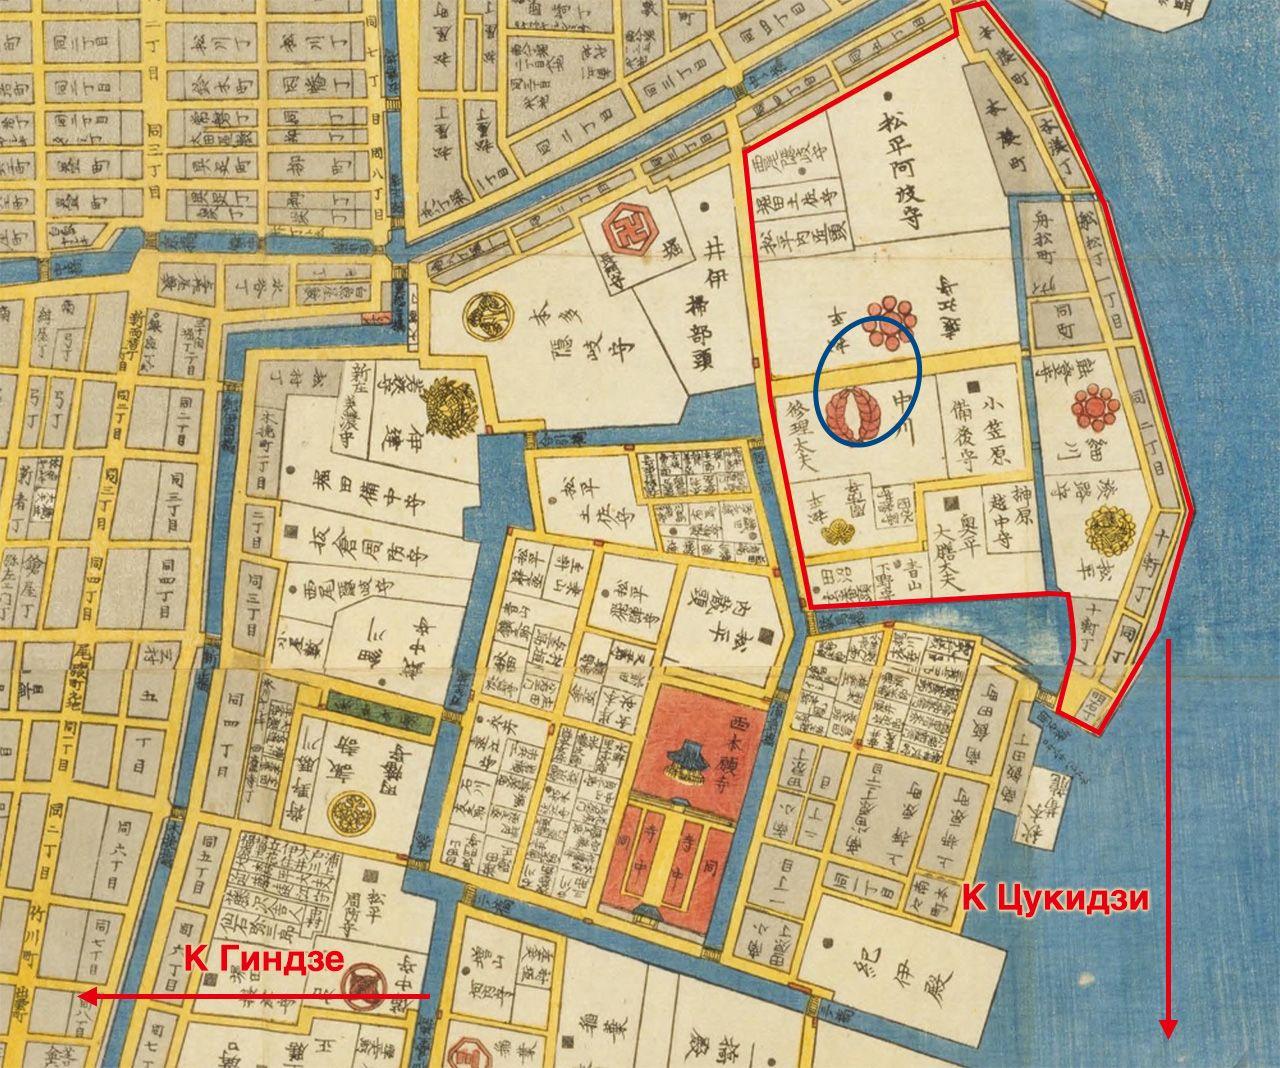 Карта района Цукидзи в Эдо (Цукидзи хаттёбори нихомбаси-минами эдзу). Красной линией обведён остров, где расположены орудийные батареи; синий кружок – усадьба резиденции княжества Ако (карта примерно 1840-1860-х годов, до наших дней резиденция не сохранилась). Красный прямоугольник – храм Хонгандзи, который находится недалеко от нынешних Цукидзи и Гиндзы (собрание Национальной парламентской библиотеки)